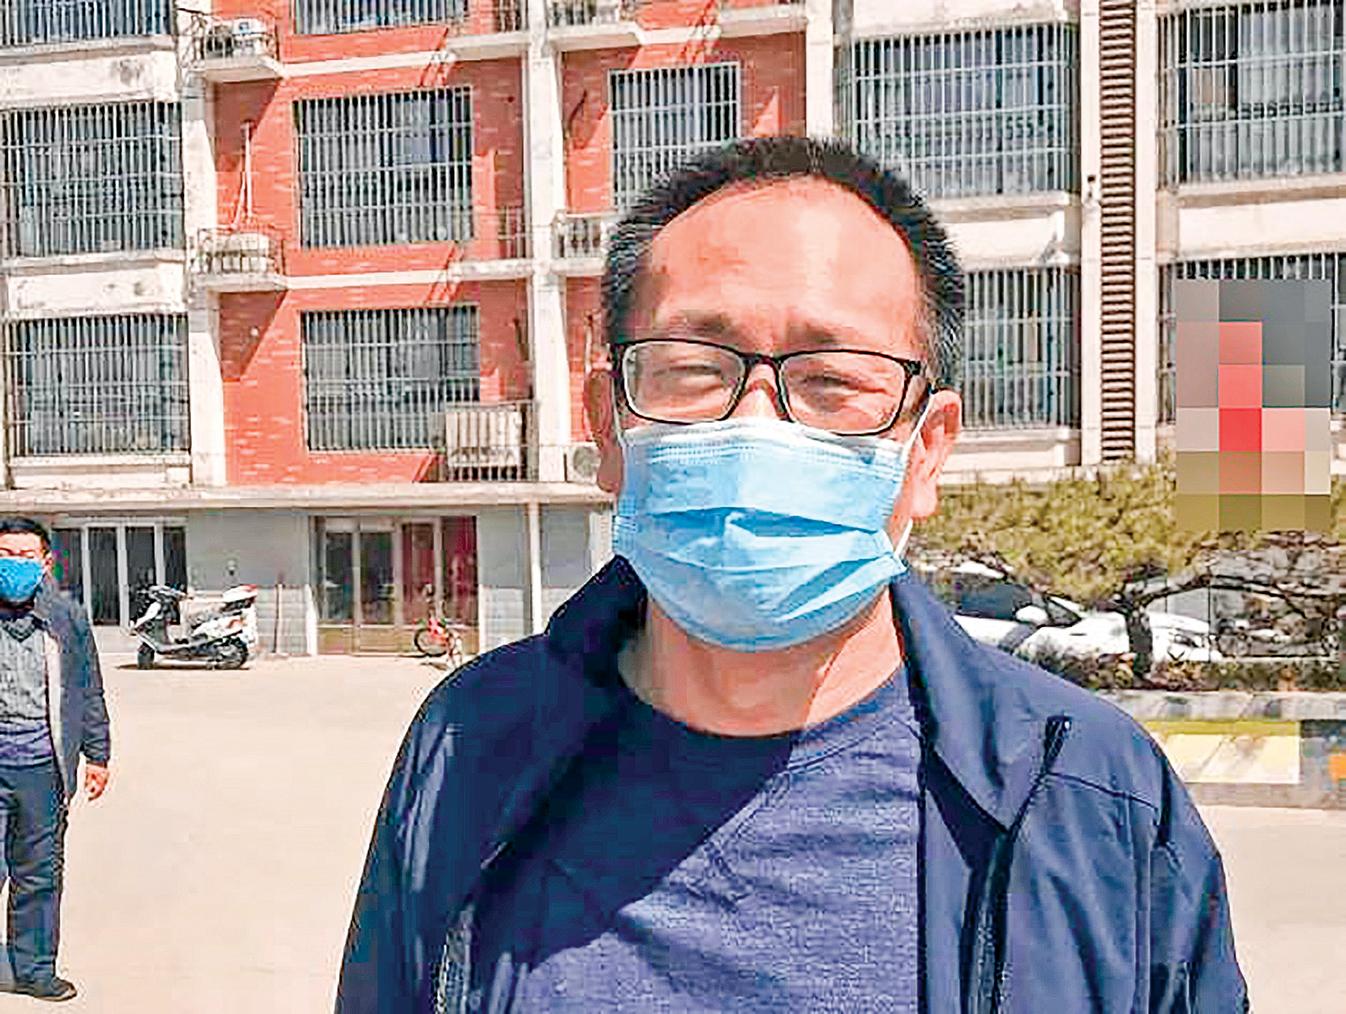 709案五周年之際,被中共殘酷迫害長達5年的王全璋律師展開維權行動,通過郵寄的方式向中共北京朝陽區法院等部門遞交了申訴書、控告狀等。圖為4月20日,剛從監獄被釋放出來王全璋律師在濟南。(推特照片)